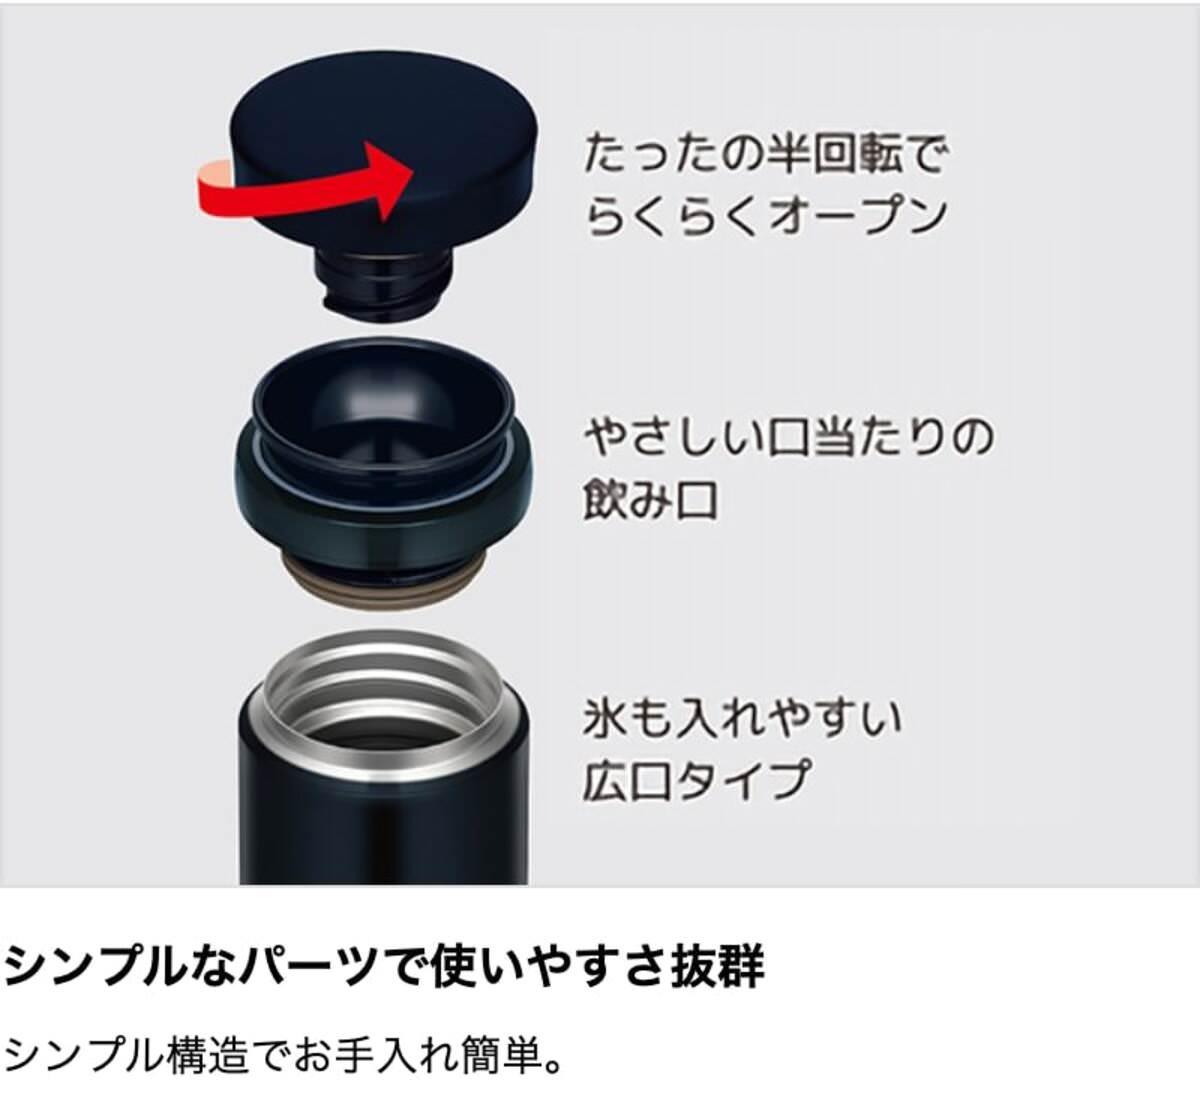 サーモスの水筒がおすすめ!購入する3つのポイント